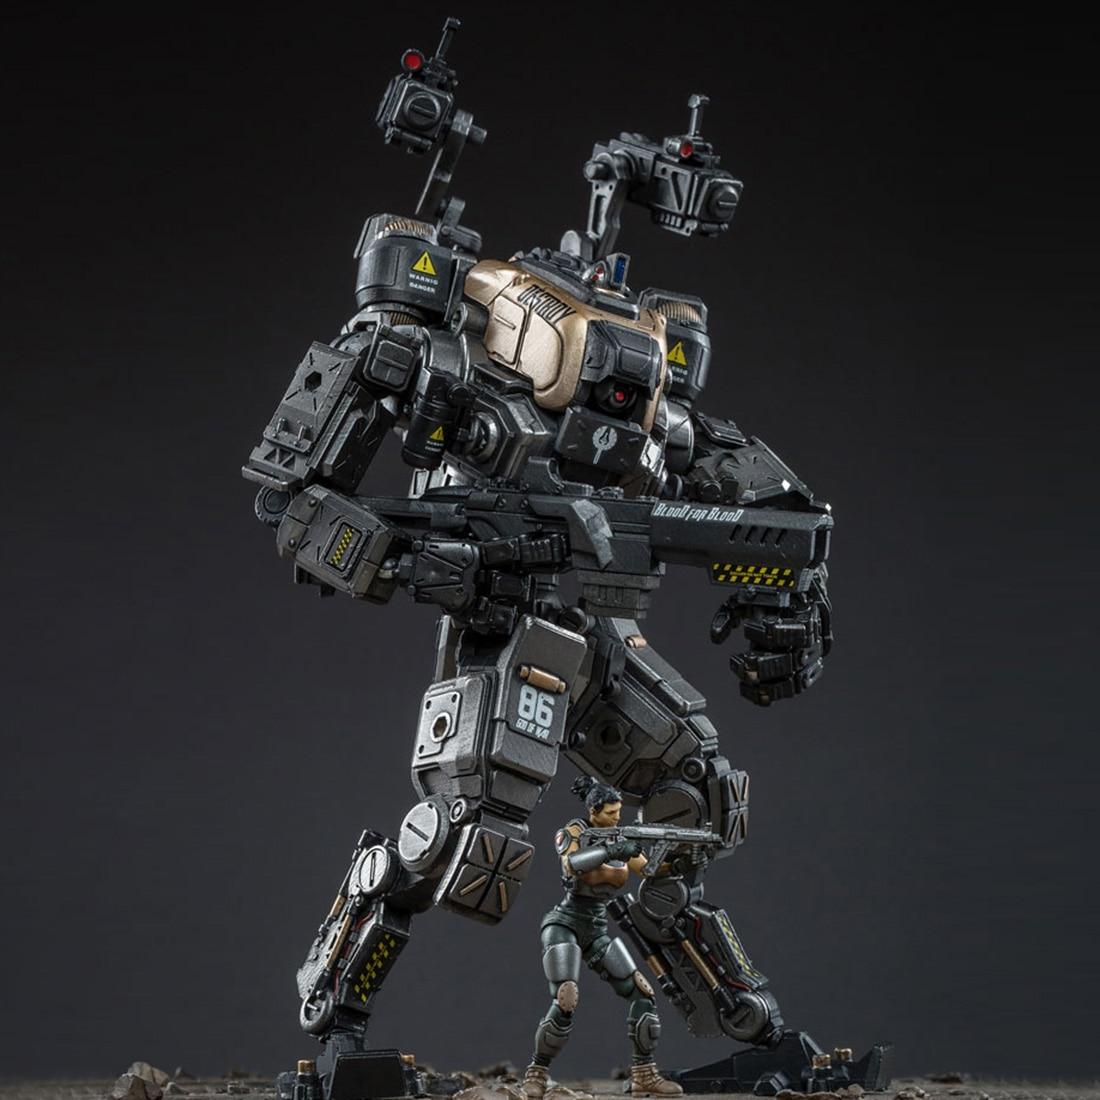 DIY Abnehmbare Mecha Modell Soldat Modell Bau Spielzeug Mit Hoher Grad Von Reduktion (Mecha Höhe: 22 cm; soldat Höhe: 7,5 cm)-in Action & Spielfiguren aus Spielzeug und Hobbys bei  Gruppe 3